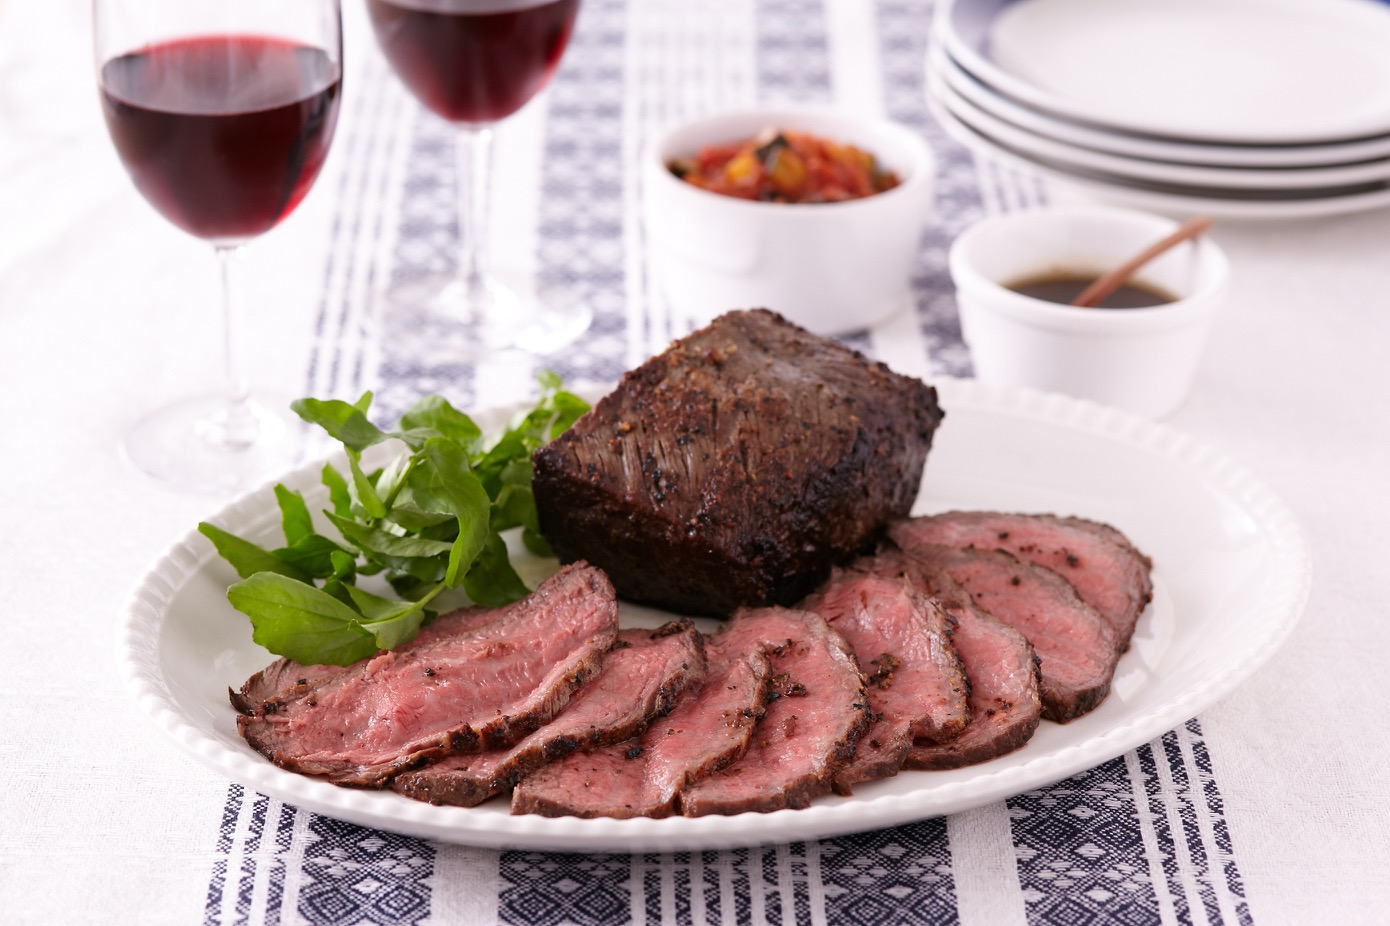 肉料理に合うワインの選び方をご紹介します